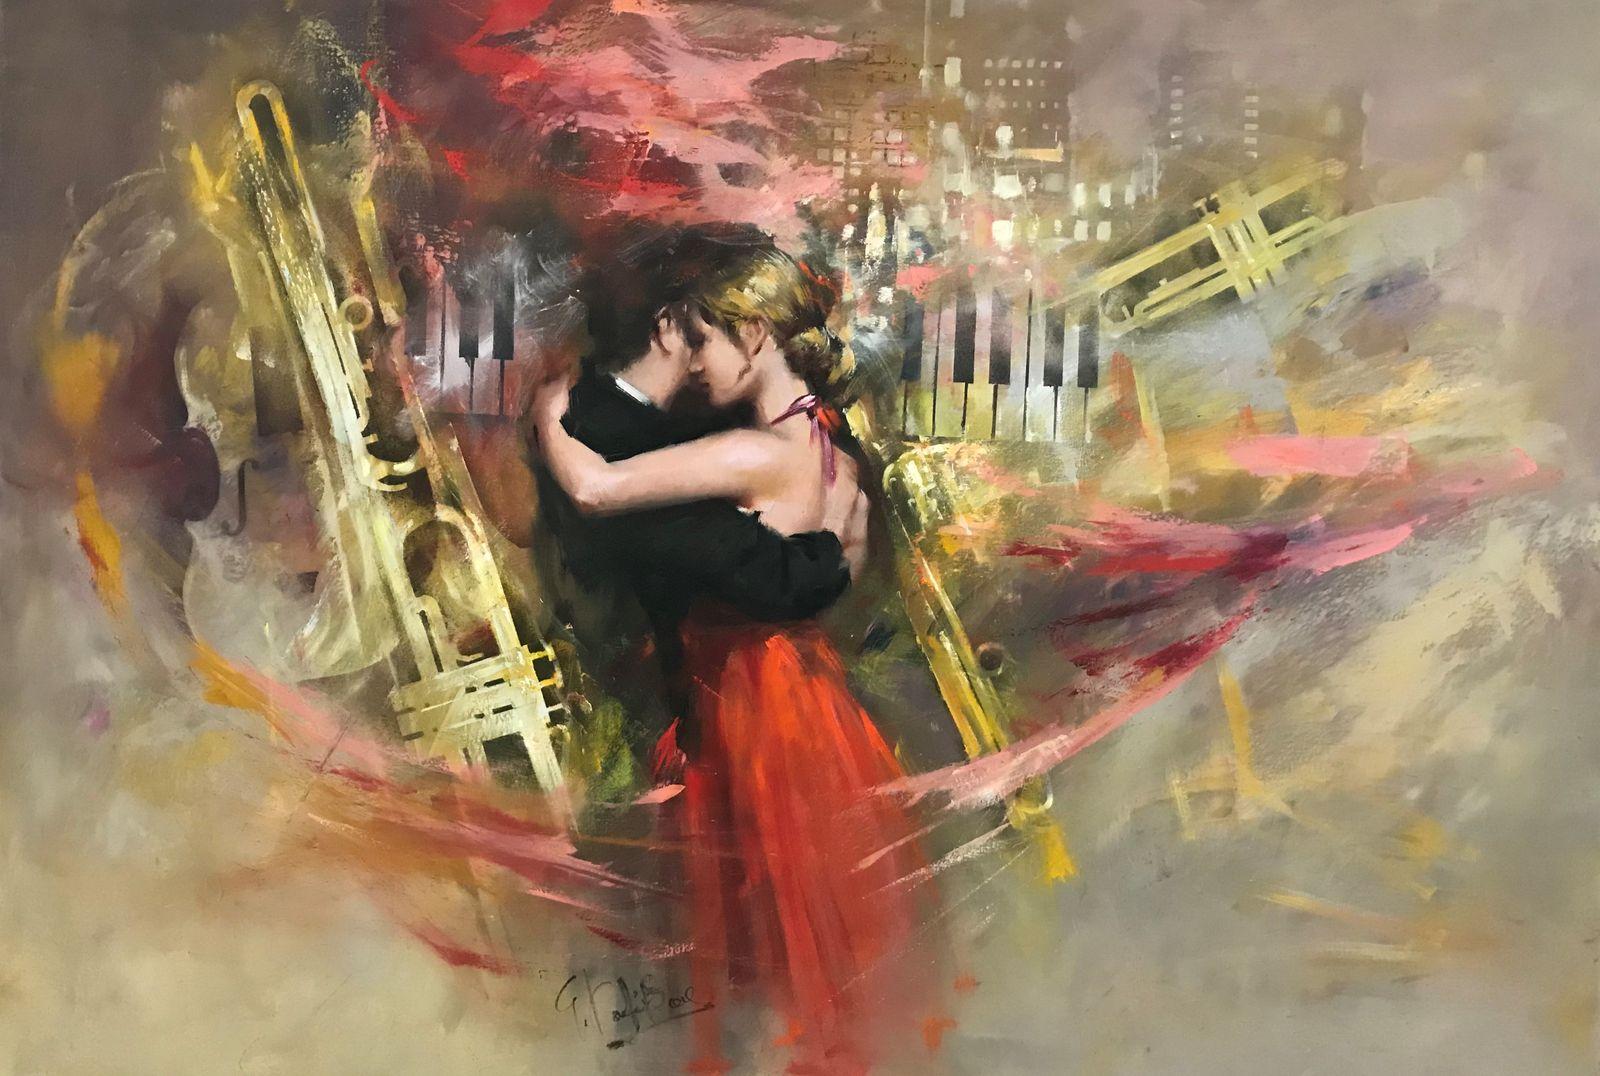 Γιώργος Καλύβας 70×100 εκ Ακρυλικά σε καμβά George Kalyvas 70×100 cm Acrylics on canvas